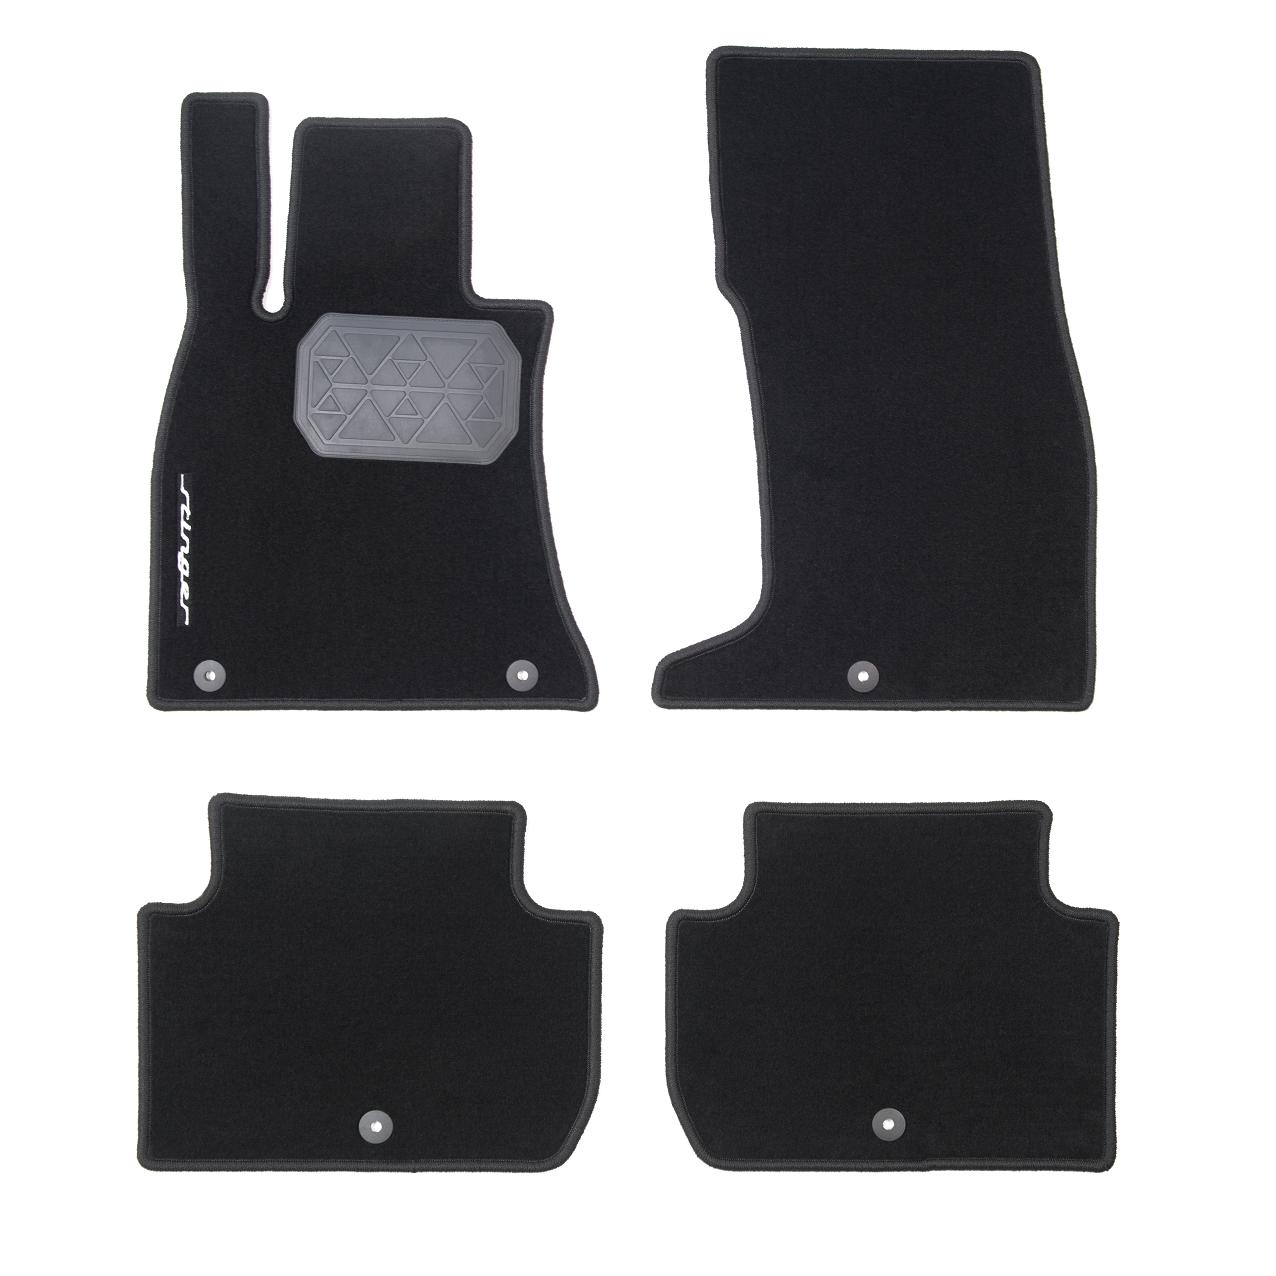 накладки на пороги с led подсветкой и надписью stinger kst dsax 01 для kia stinger 2018 Коврики в салон Hyundai/KIA текстиль черный R8140J5100WK KIA Stinger (1G) 2017-